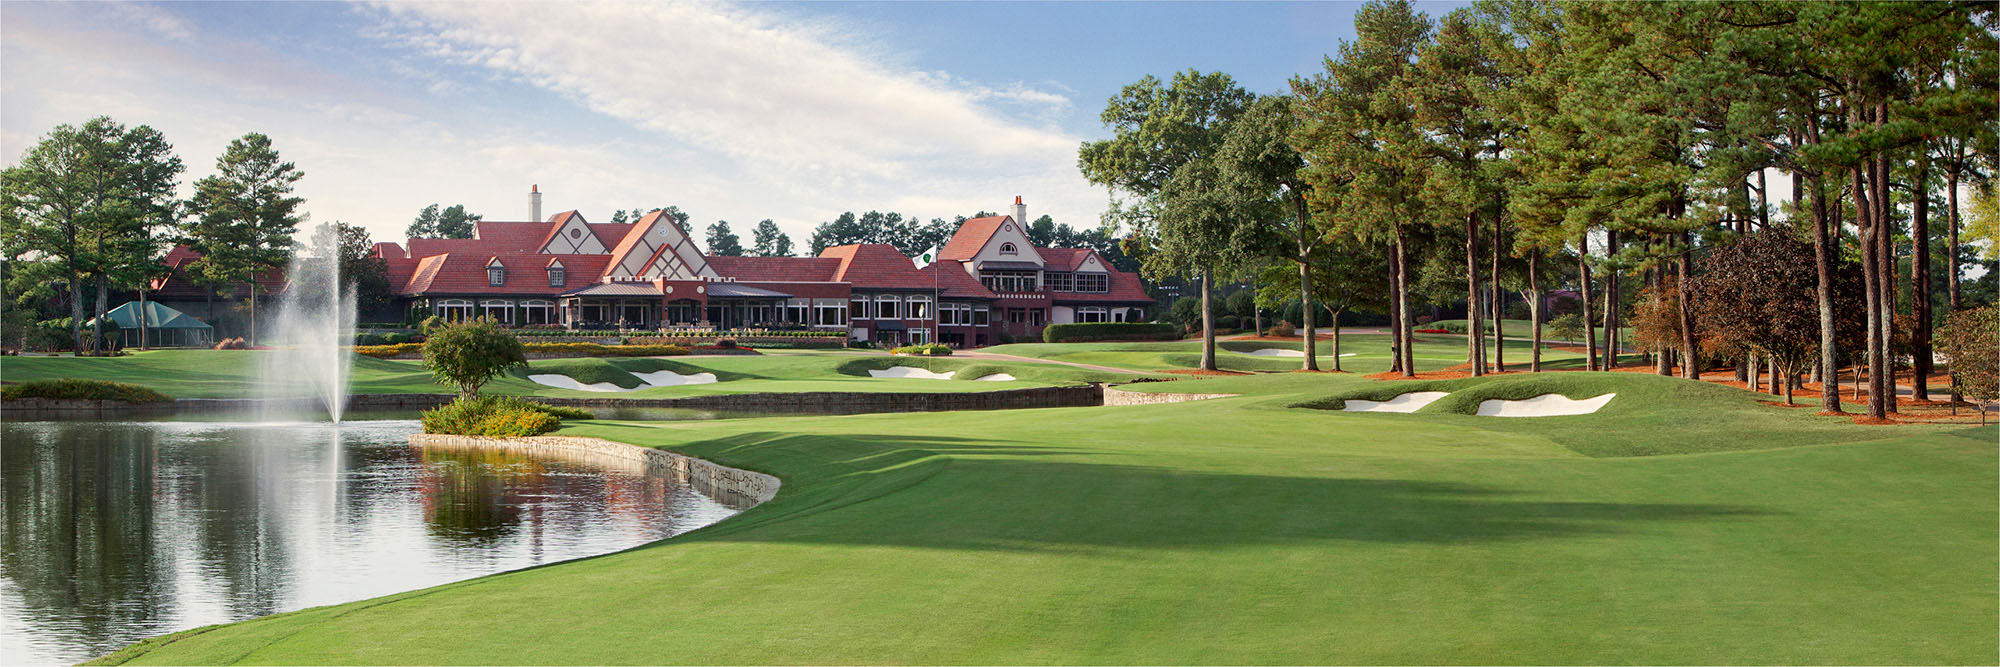 Golf Course Image - Atlanta Athletic Club No. 18